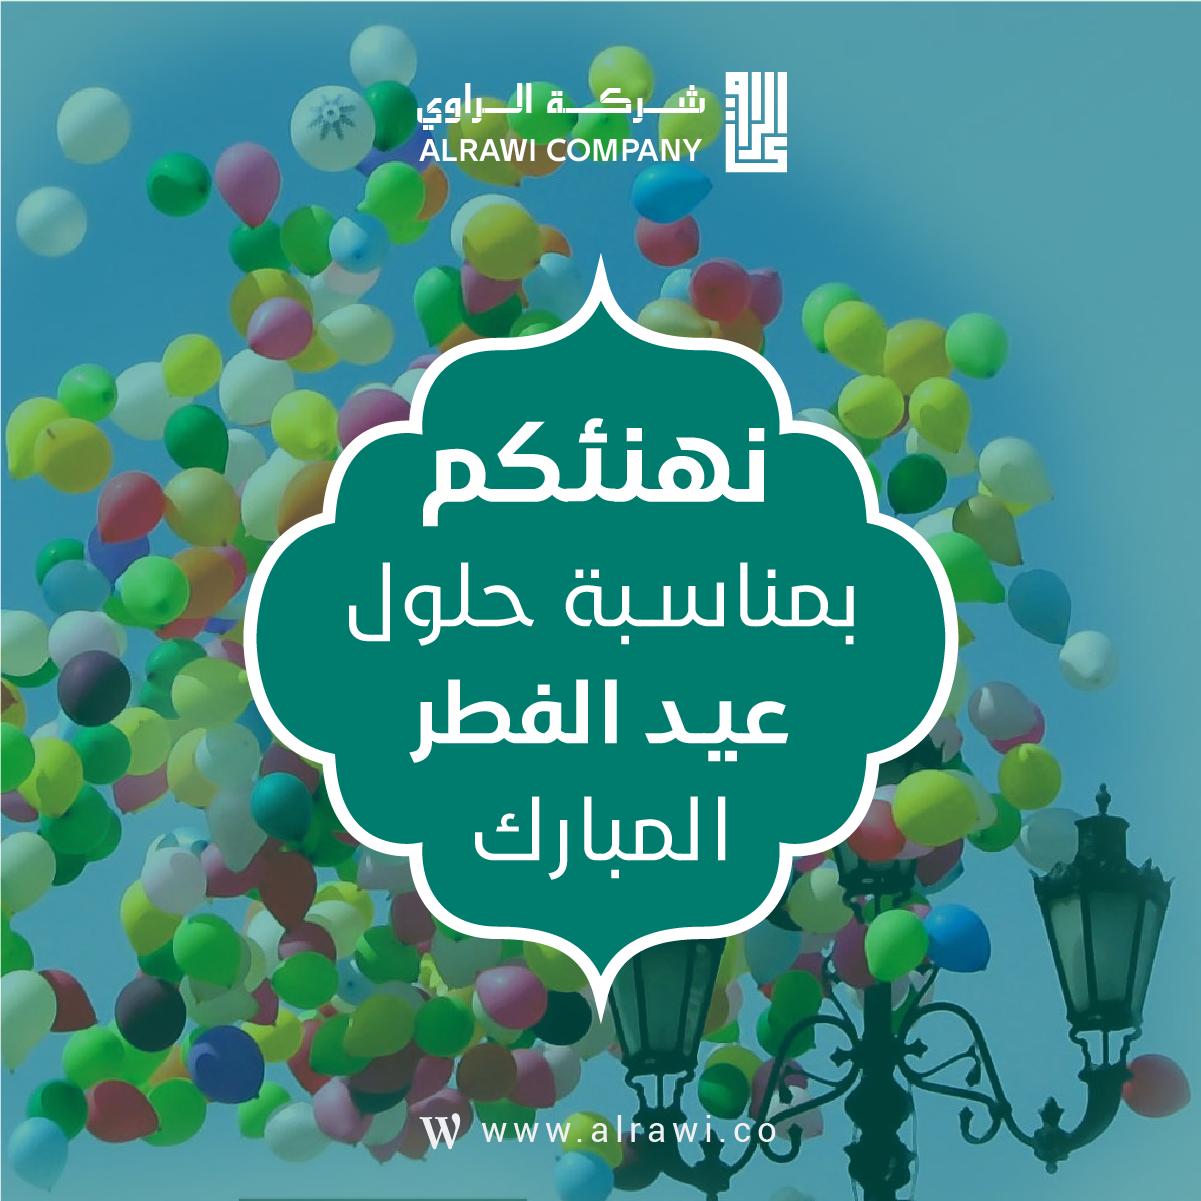 نهنئكم بمناسبة حلول عيد الفطر المبارك عطلة سعيدة